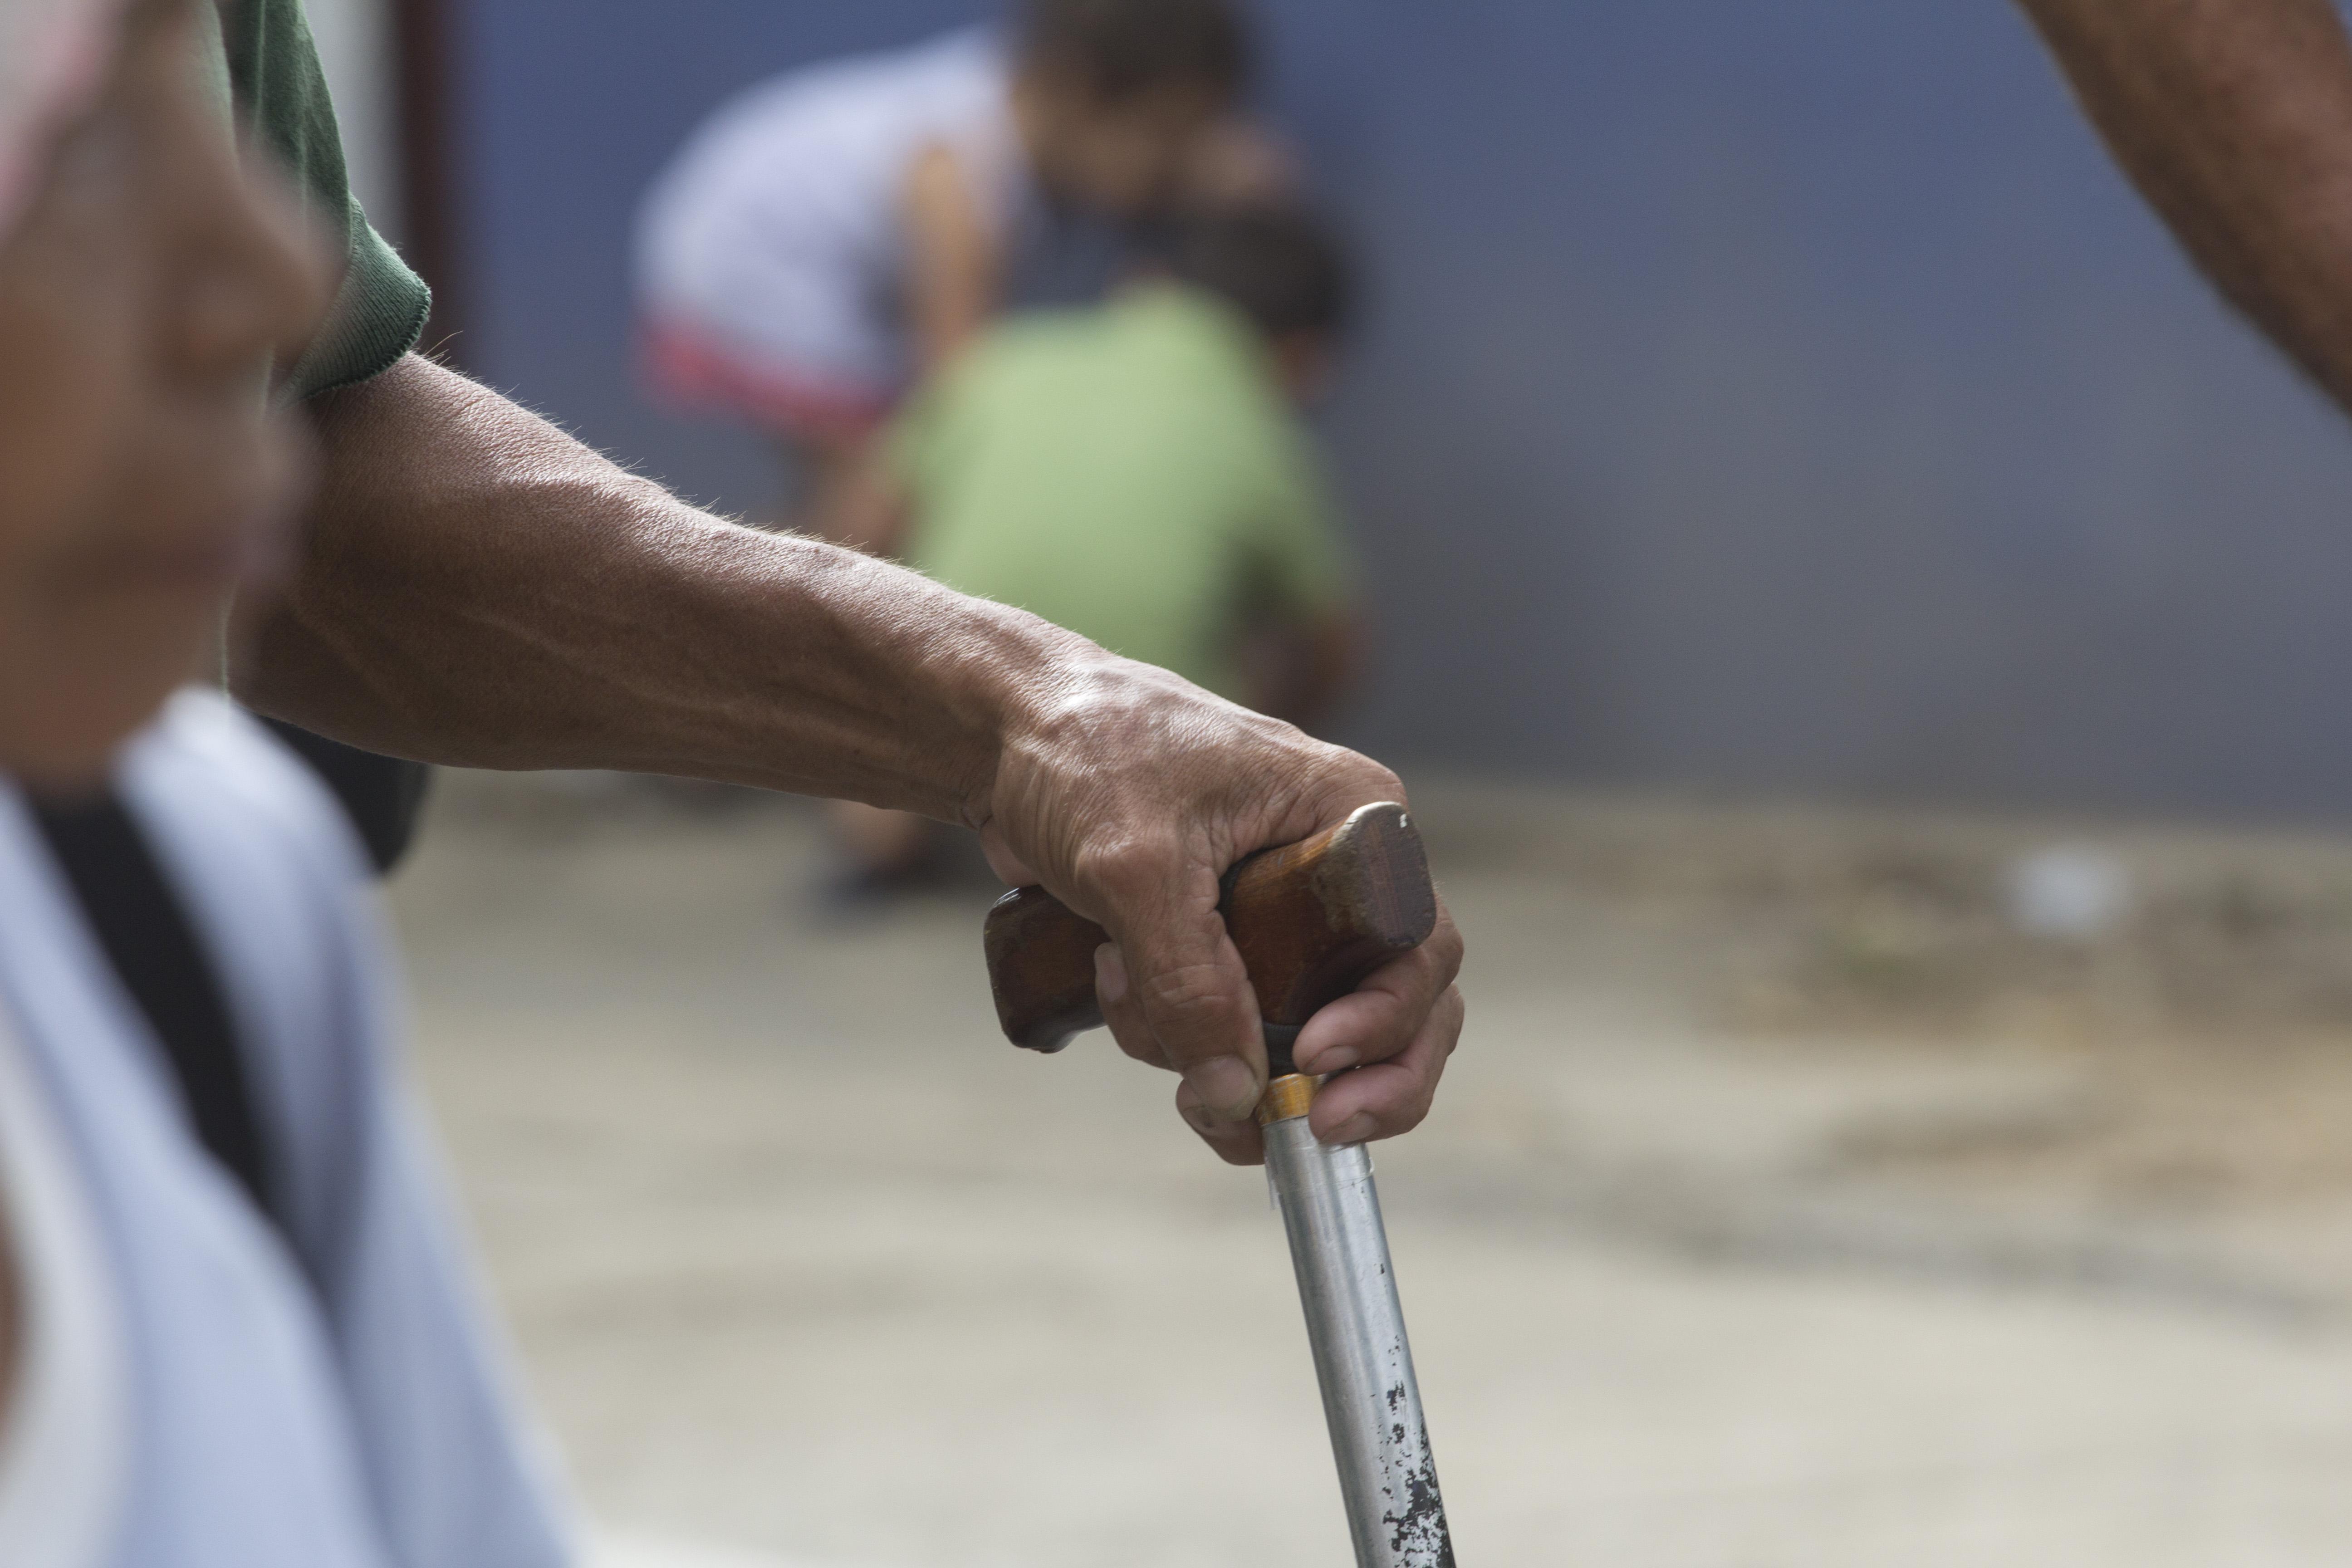 Aposentados por invalidez que necessitem de cuidadores têm direito a um acréscimo de 25% do valor recebido (FOTO: Flickr Creative Commons/ Jorge Mejía)